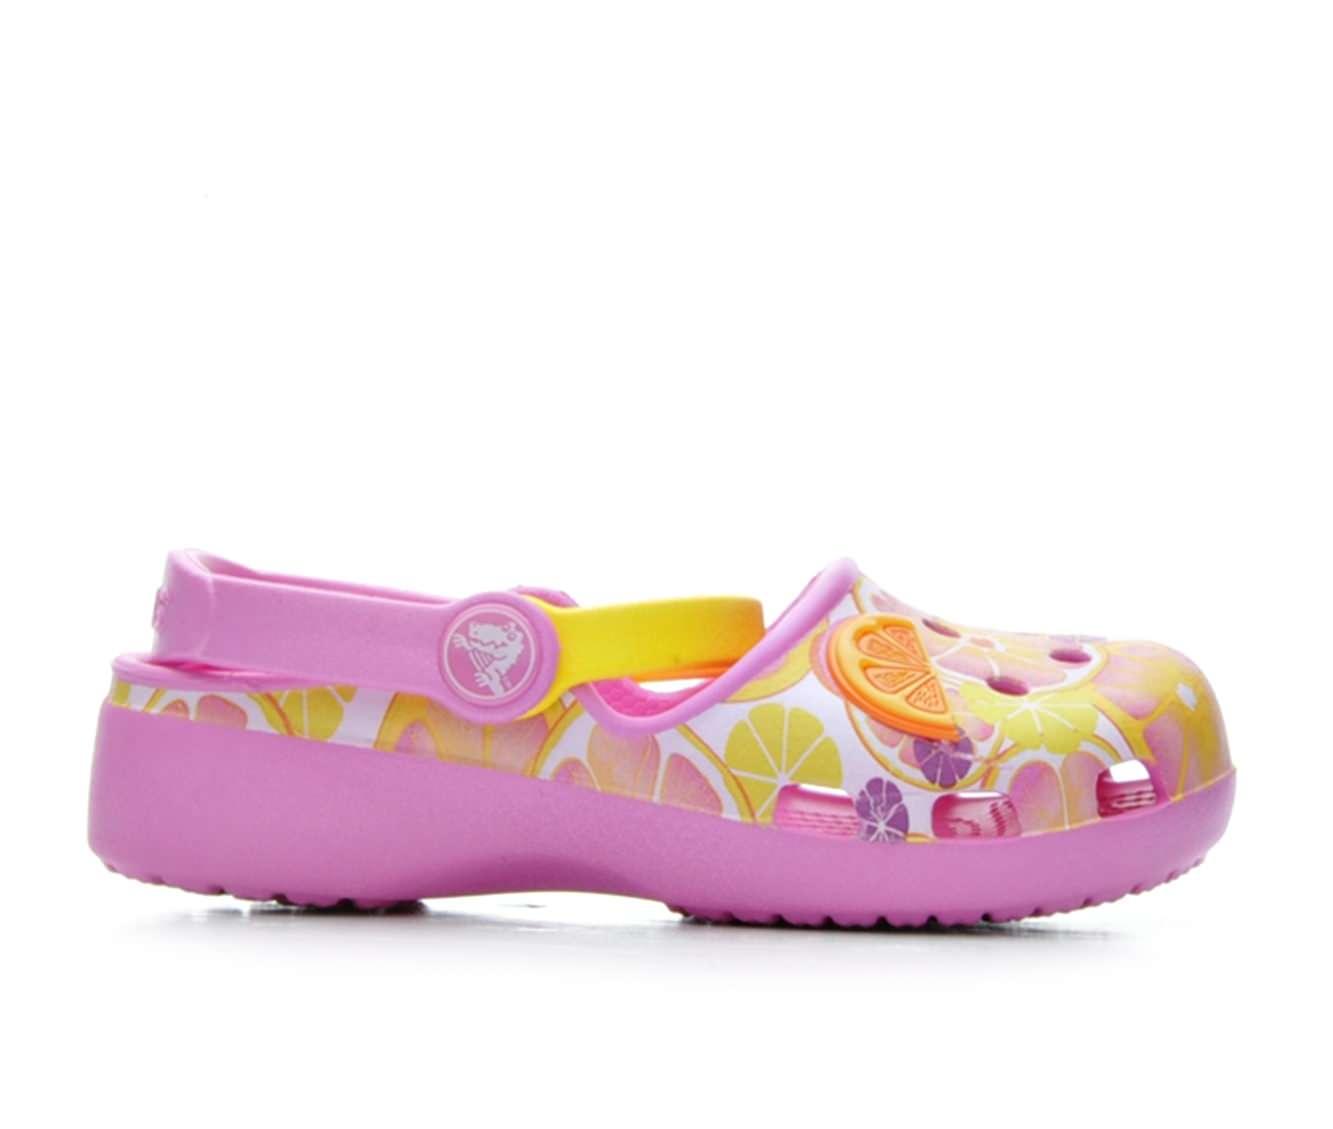 Girls' Crocs Infant Karin Novelty Children's Shoes (Pink)